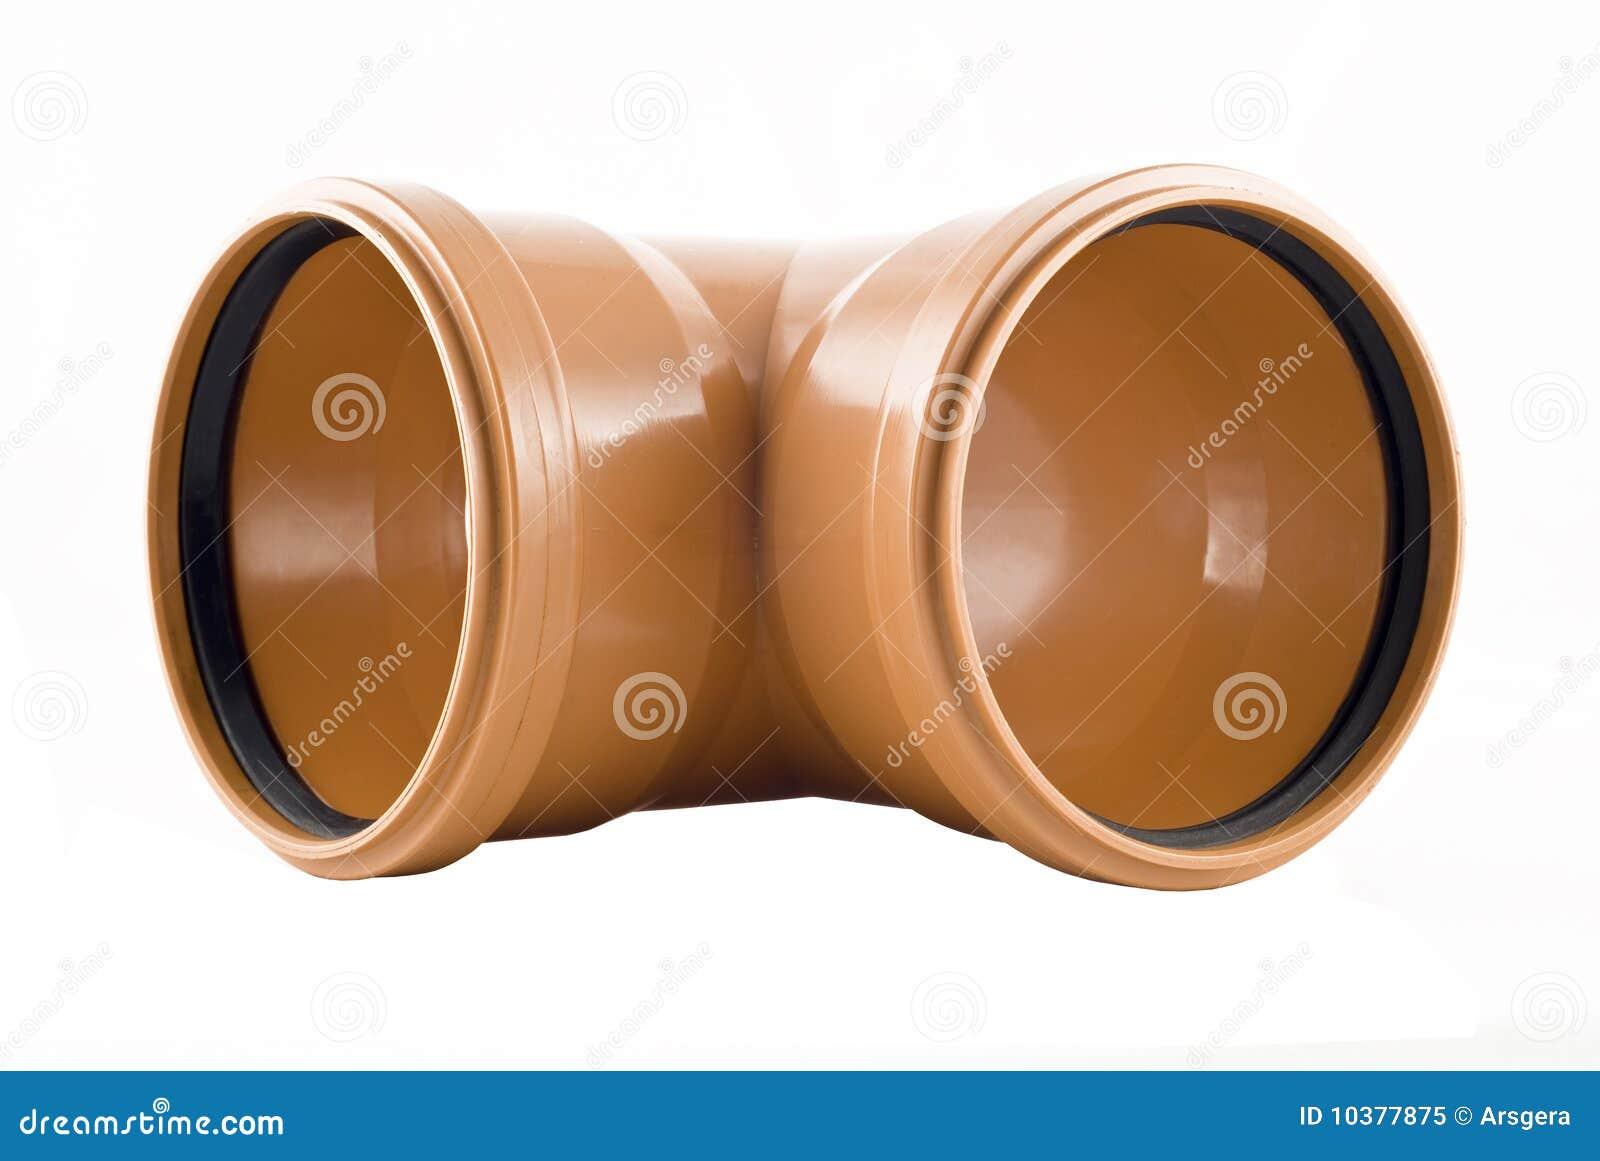 Plastic T-shaped Sewer Tube Isolated Stock Image - Image